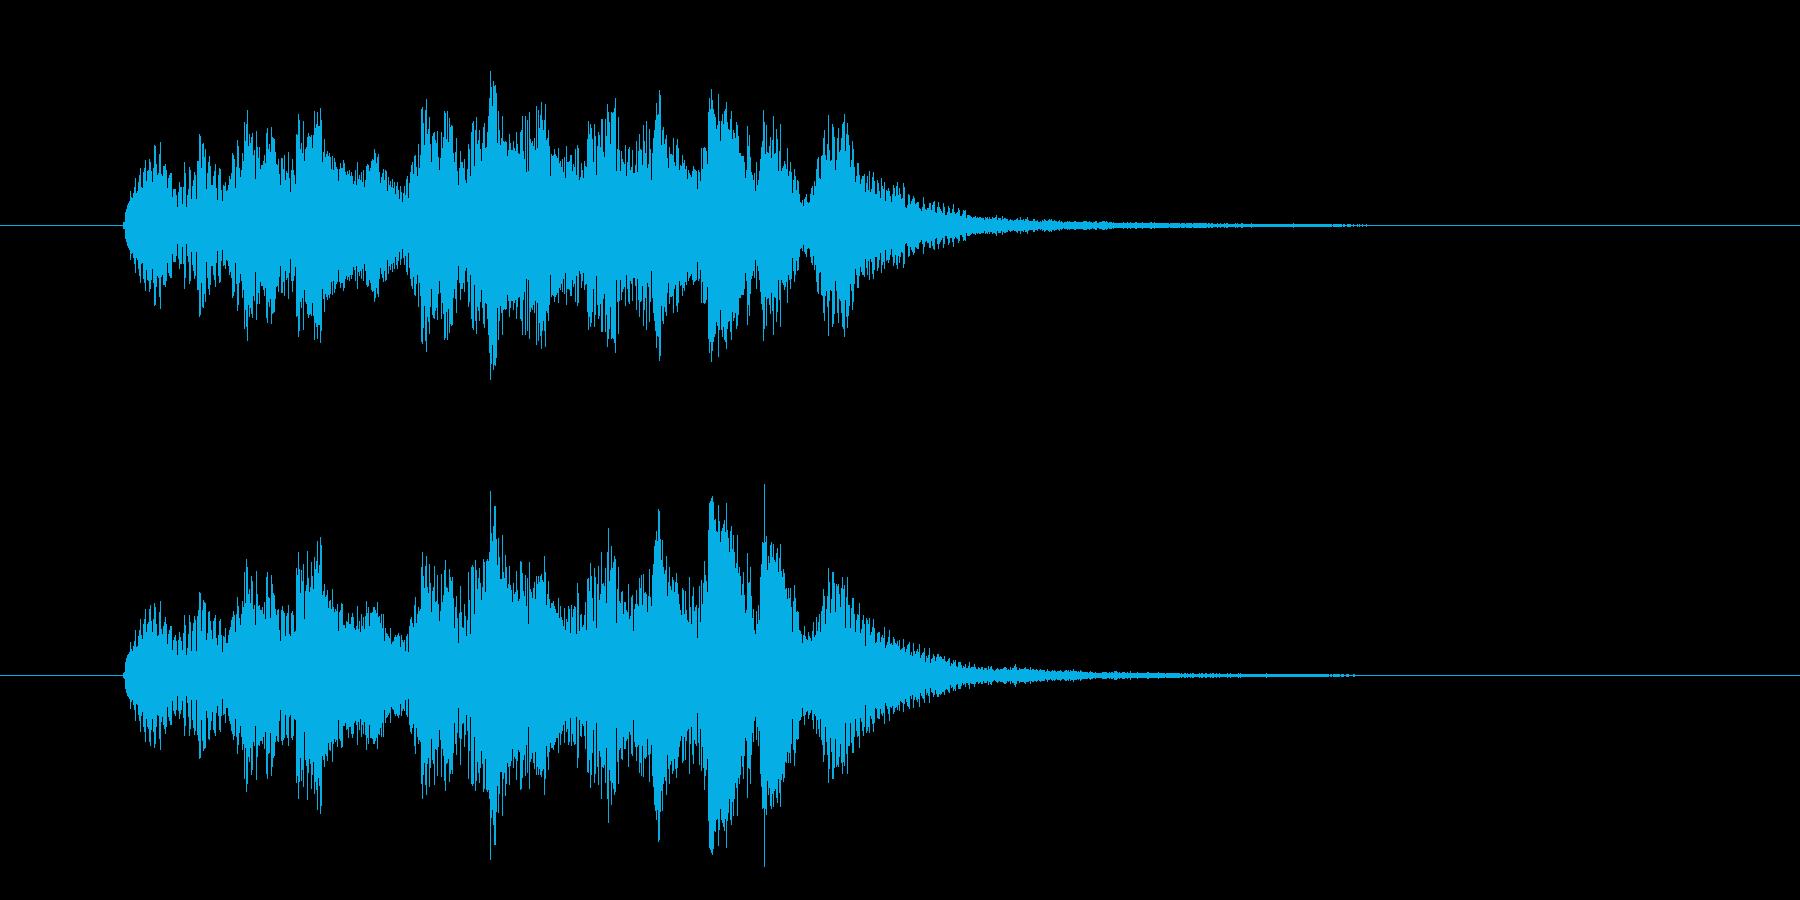 ファンファンファン(起動、終了音)の再生済みの波形